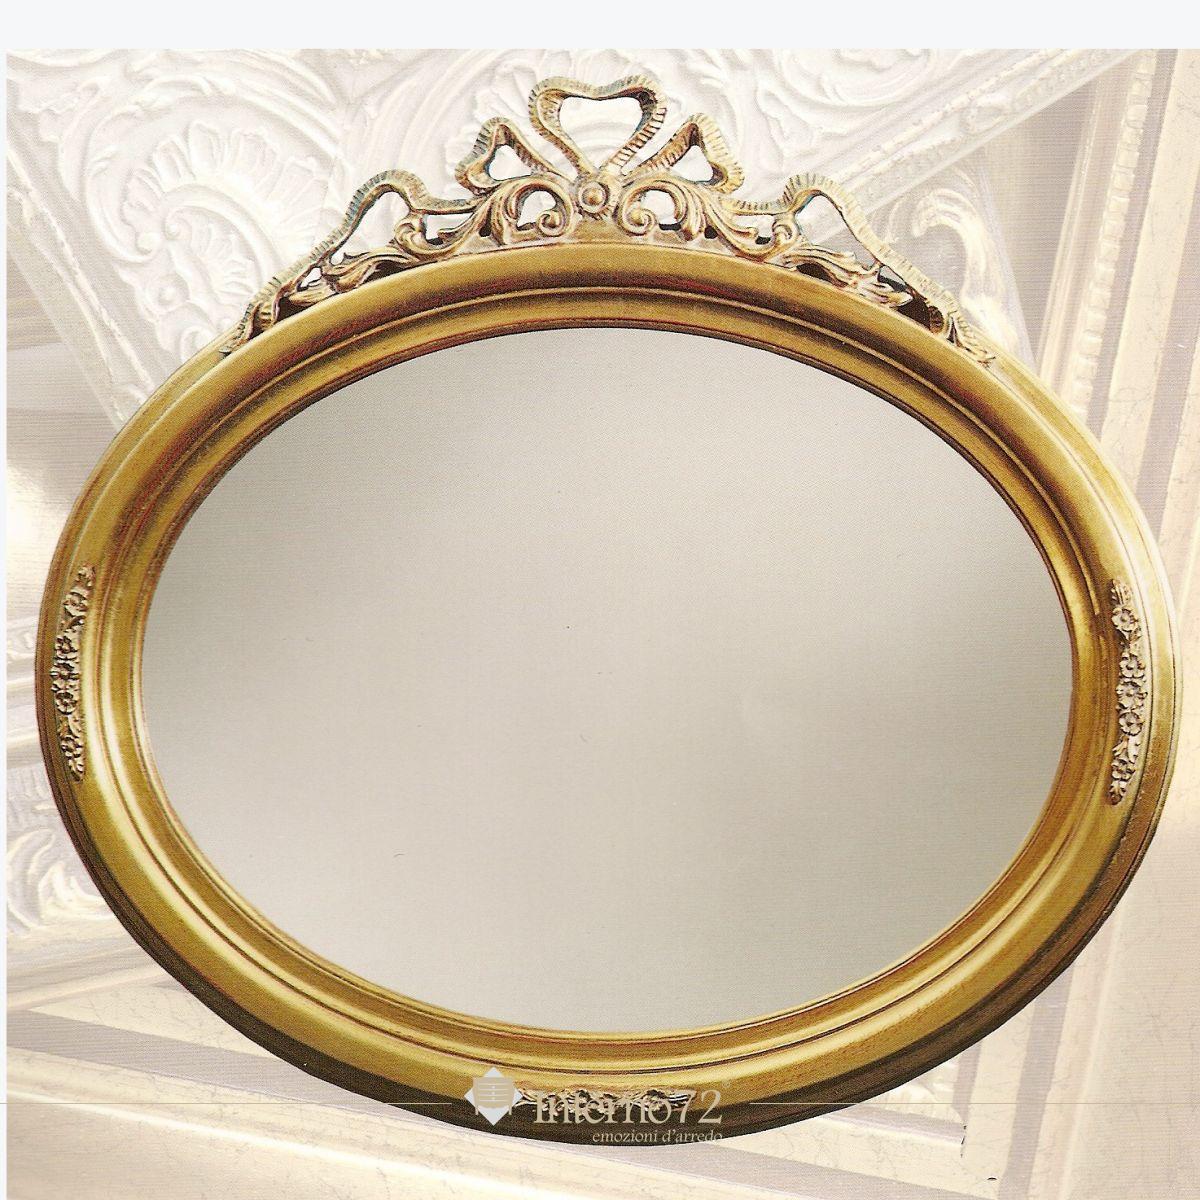 Specchiere specchiera ovale foglia oro vendita online - Specchiere on line ...